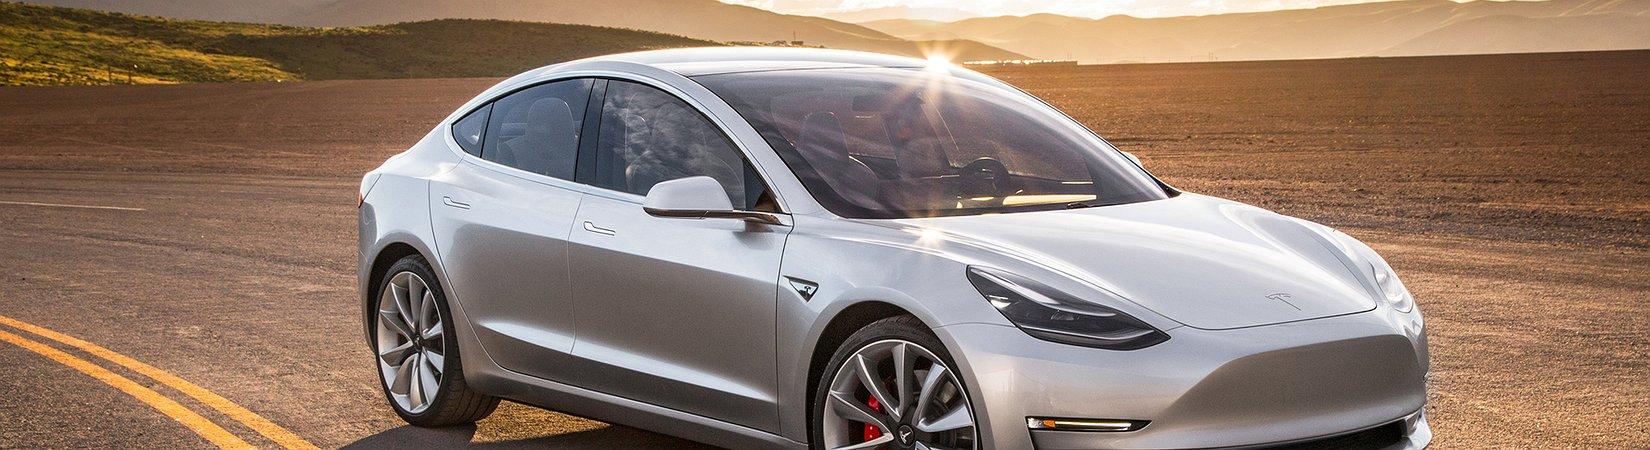 Perché il 2017 è l'anno decisivo per Tesla